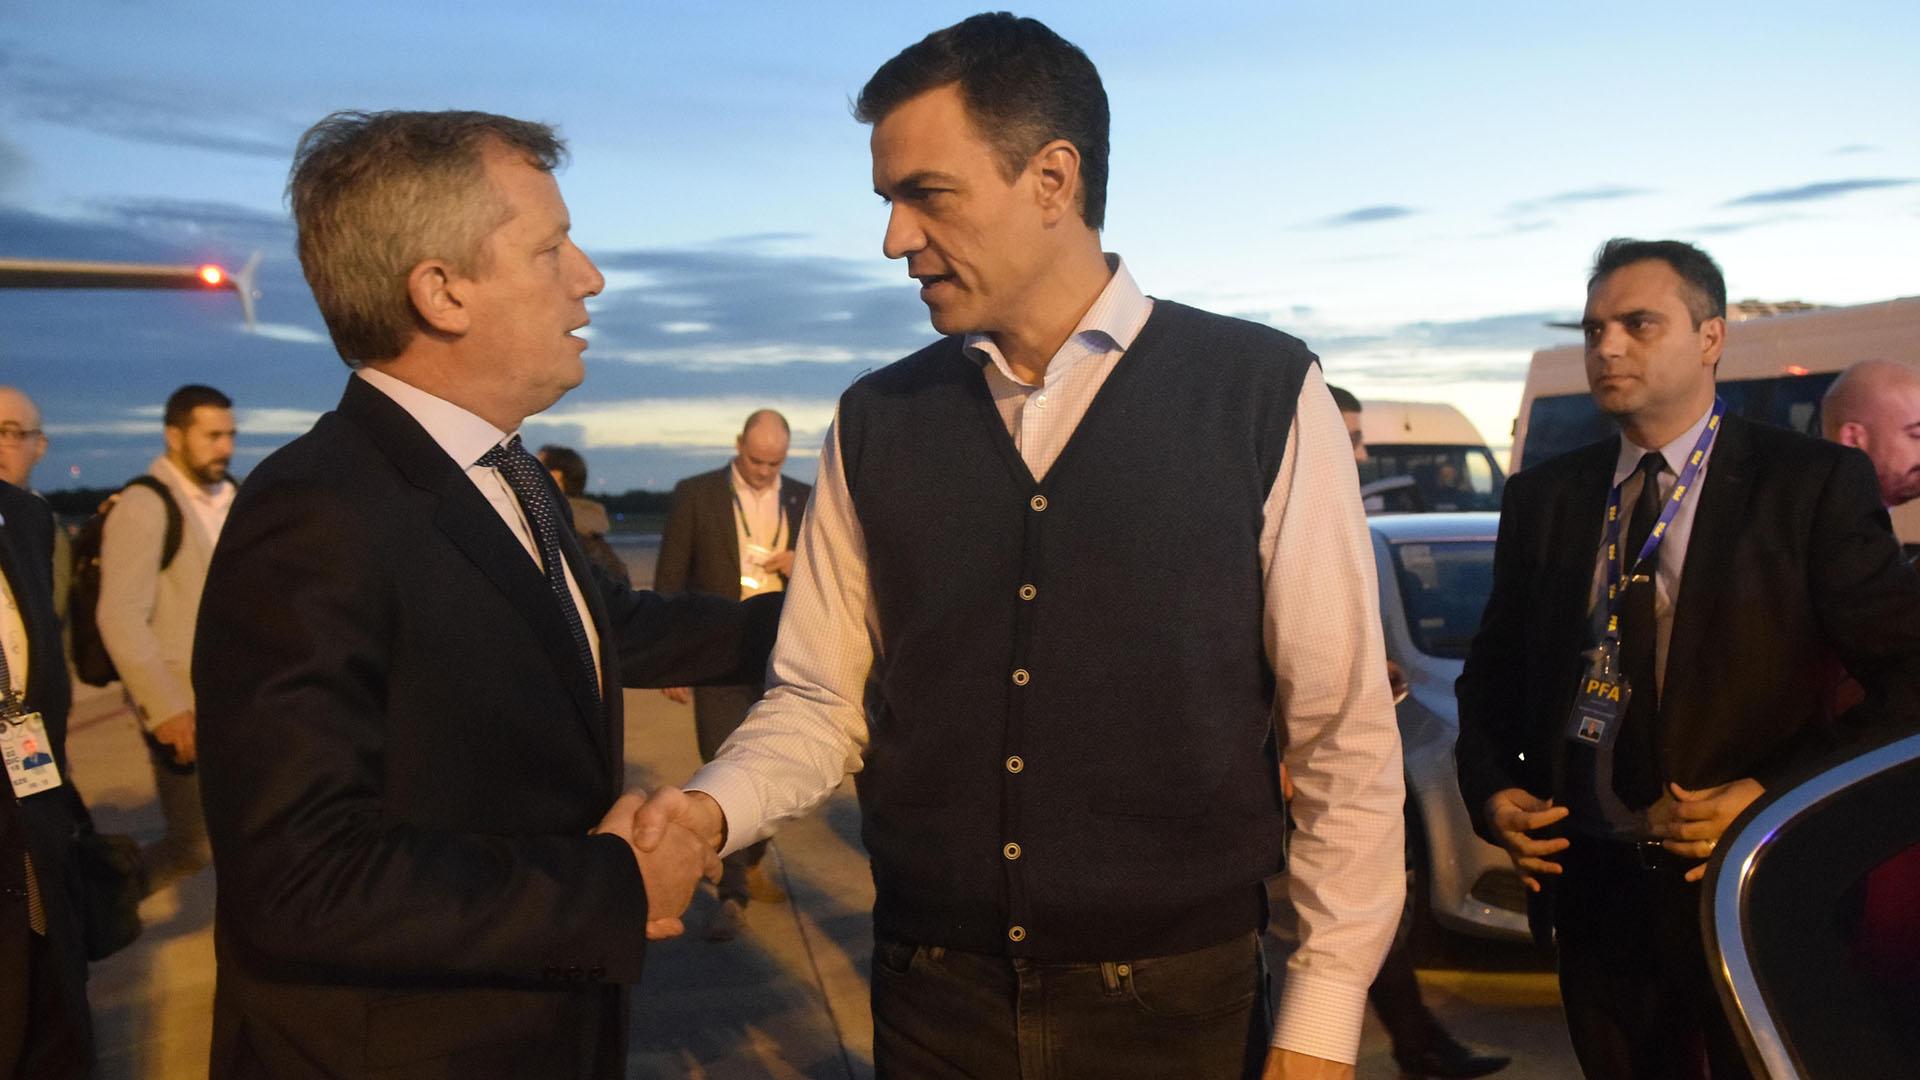 Emilio Monzó, presidente de la Cámara de Diputados, recibió al presidente del gobierno español Pedro Sánchez